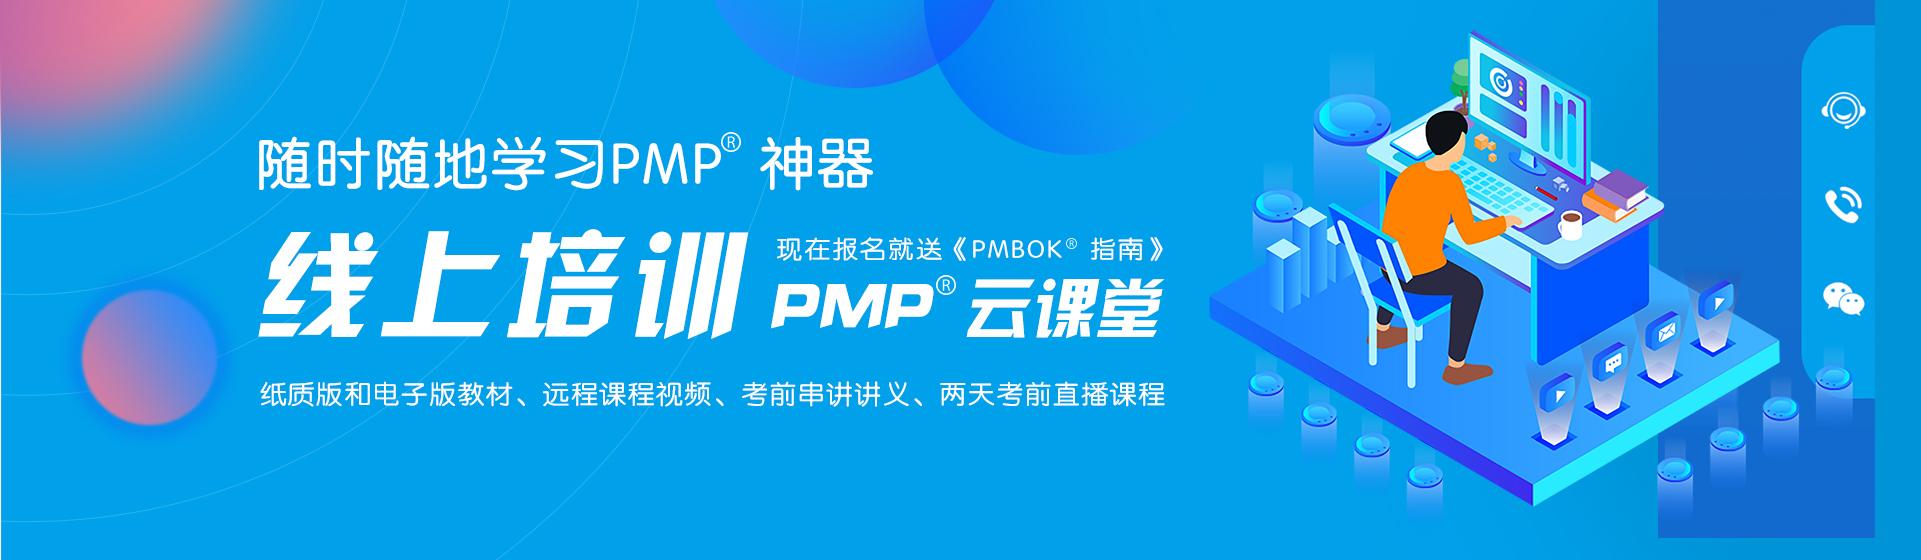 青岛易佳PMP报名课程